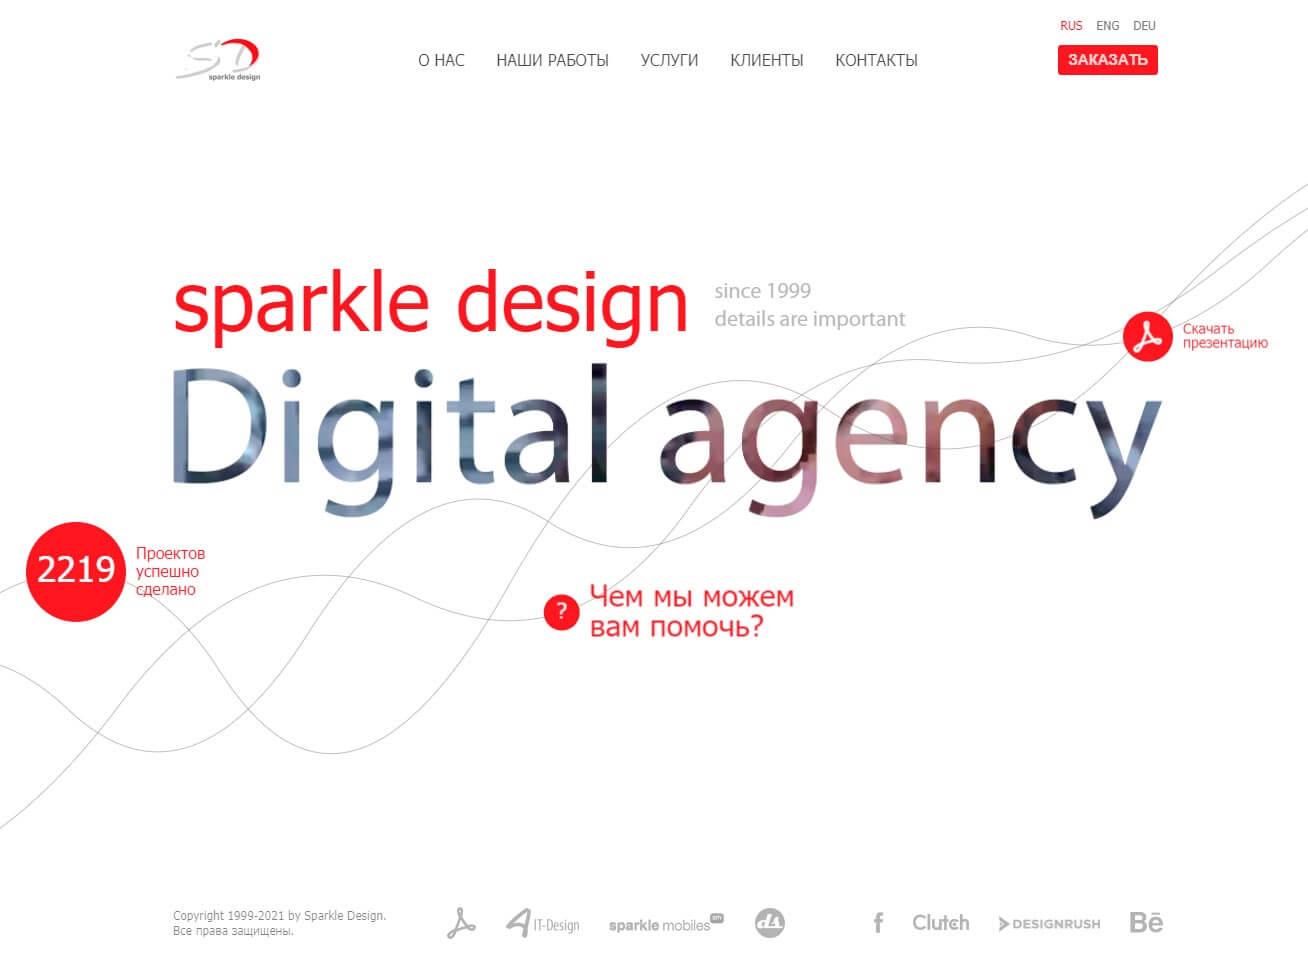 Sparkle Design - обзор компании, услуги, отзывы, клиенты | Google SEO, Фото № 1 - google-seo.pro